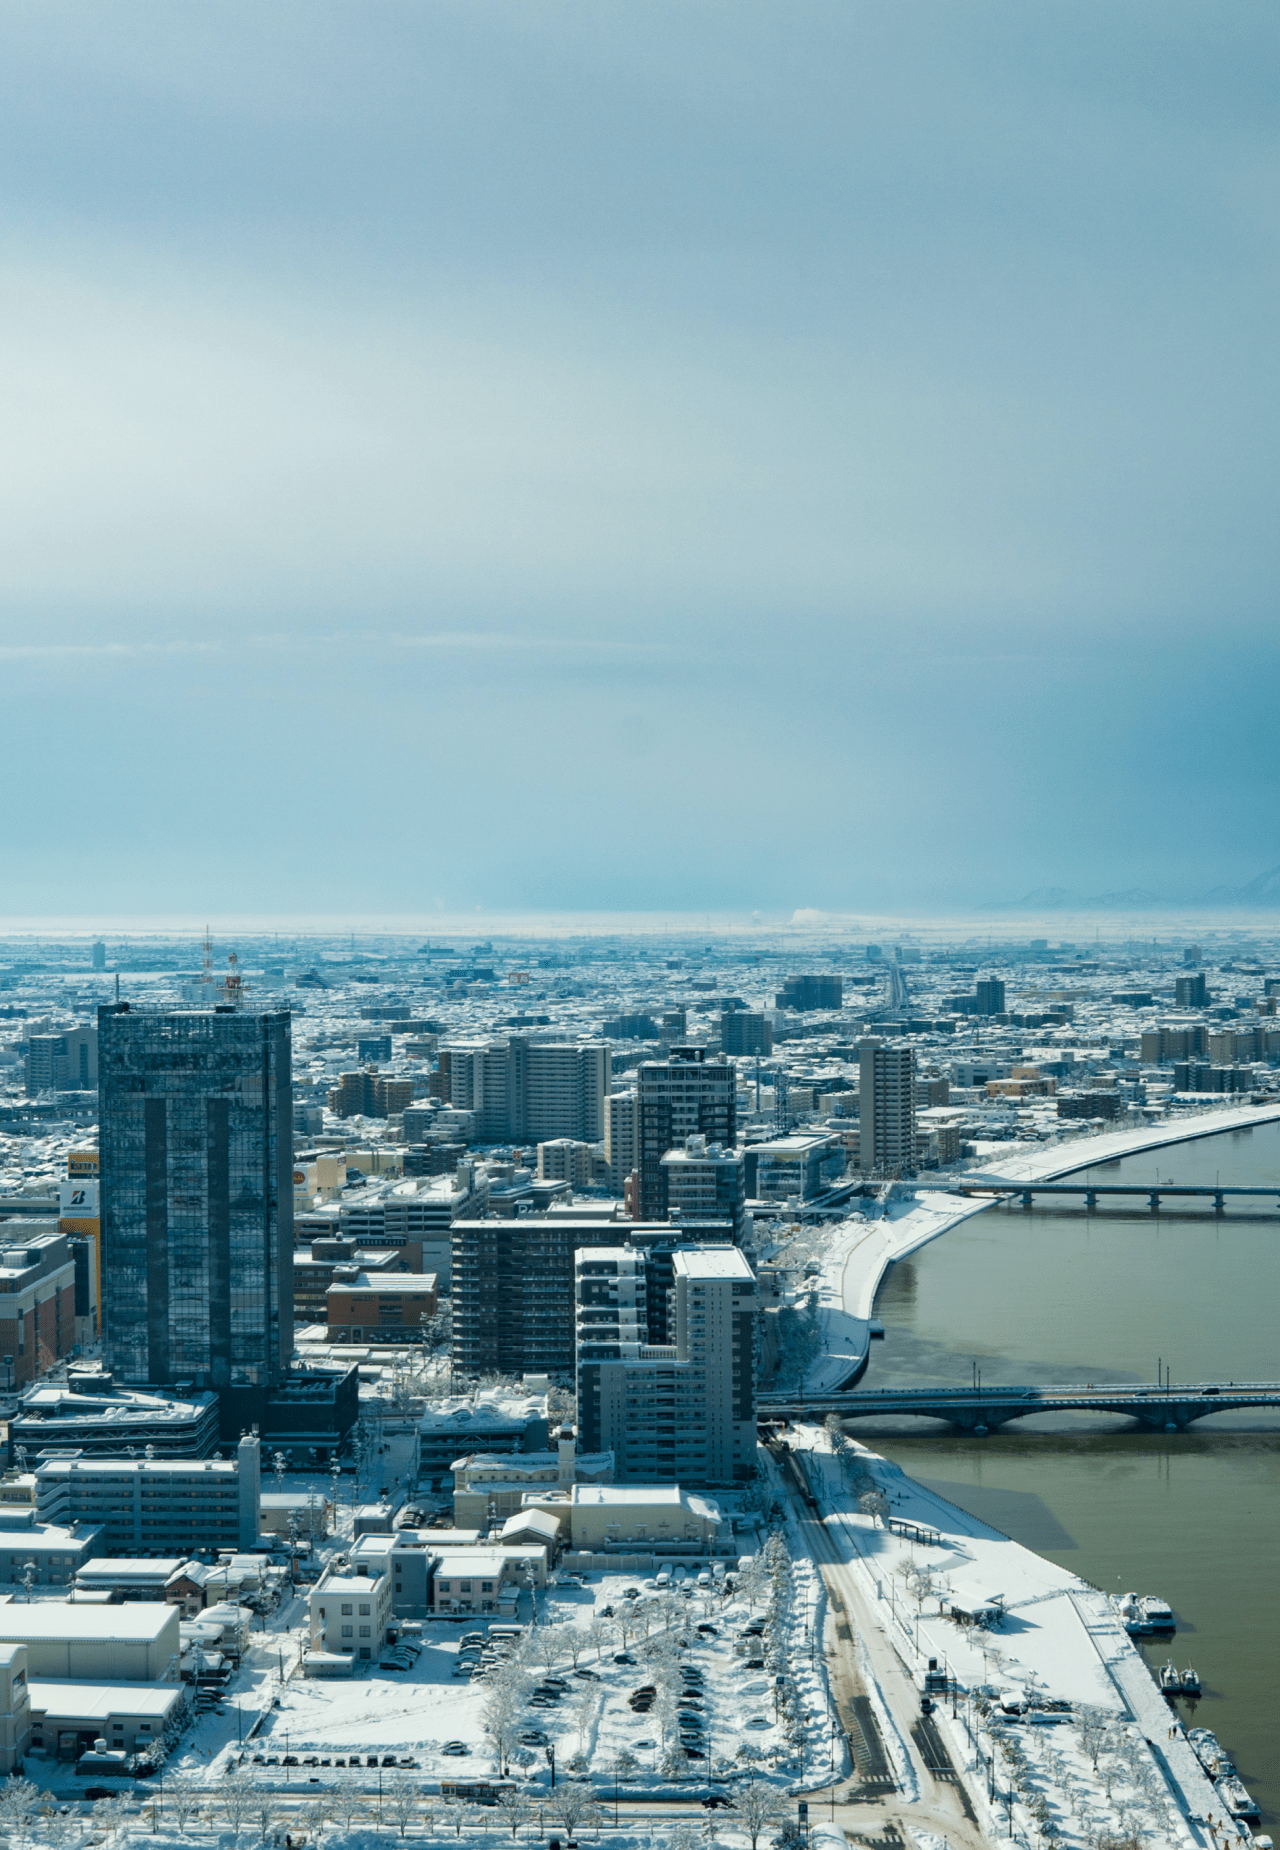 空から撮った町の写真